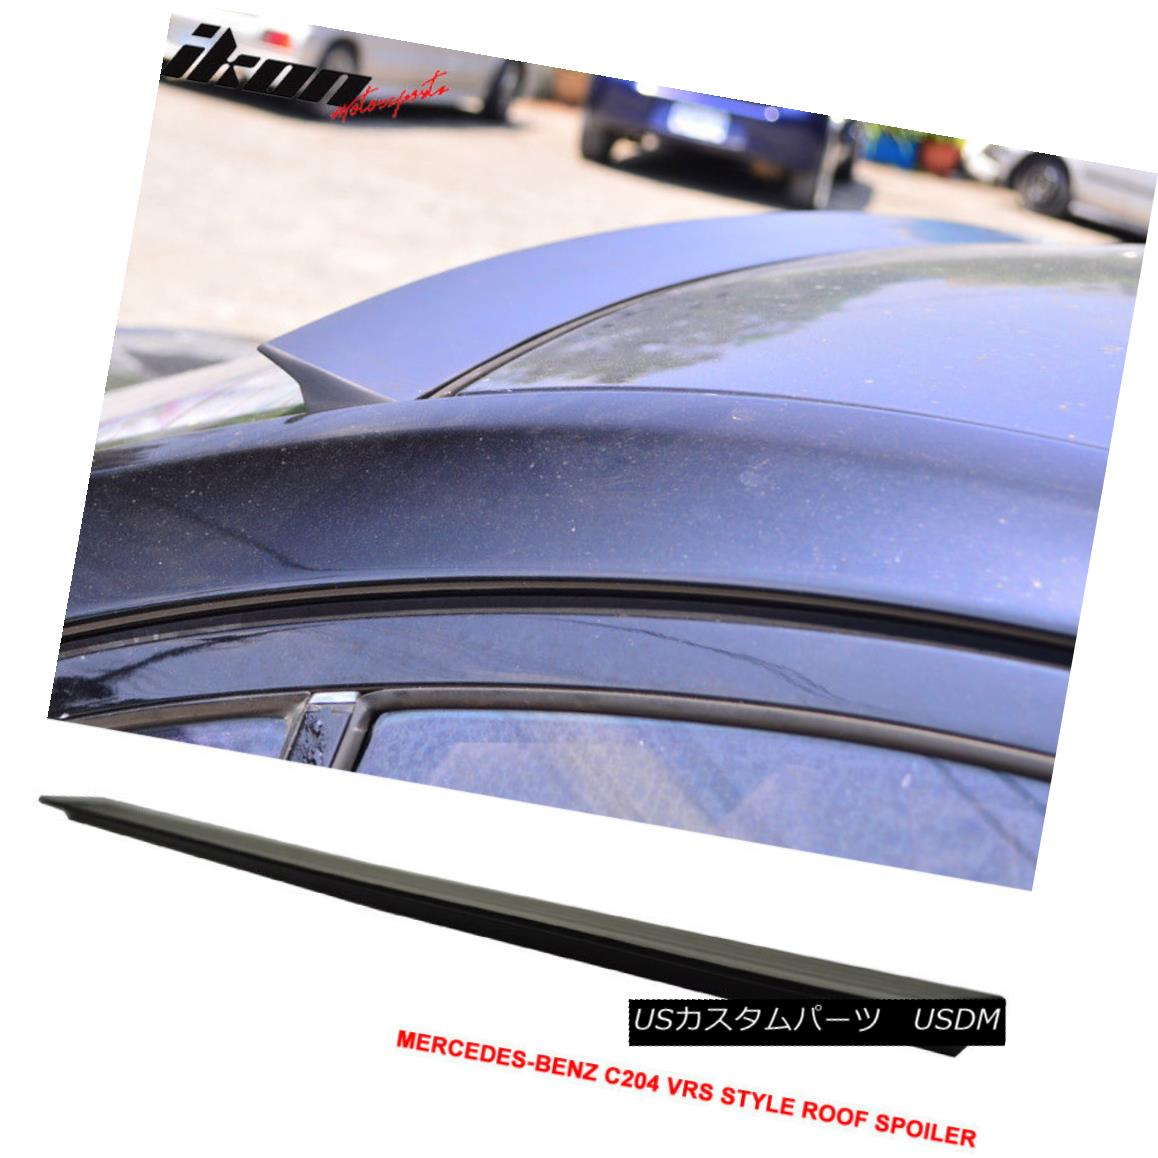 エアロパーツ For 11-15 BENZ C204 2D VRS Style Roof Spoiler Wing Unpainted - PUF 11-15ベンツC204 2D VRSスタイルルーフスポイラーウイング無塗装 - PUF